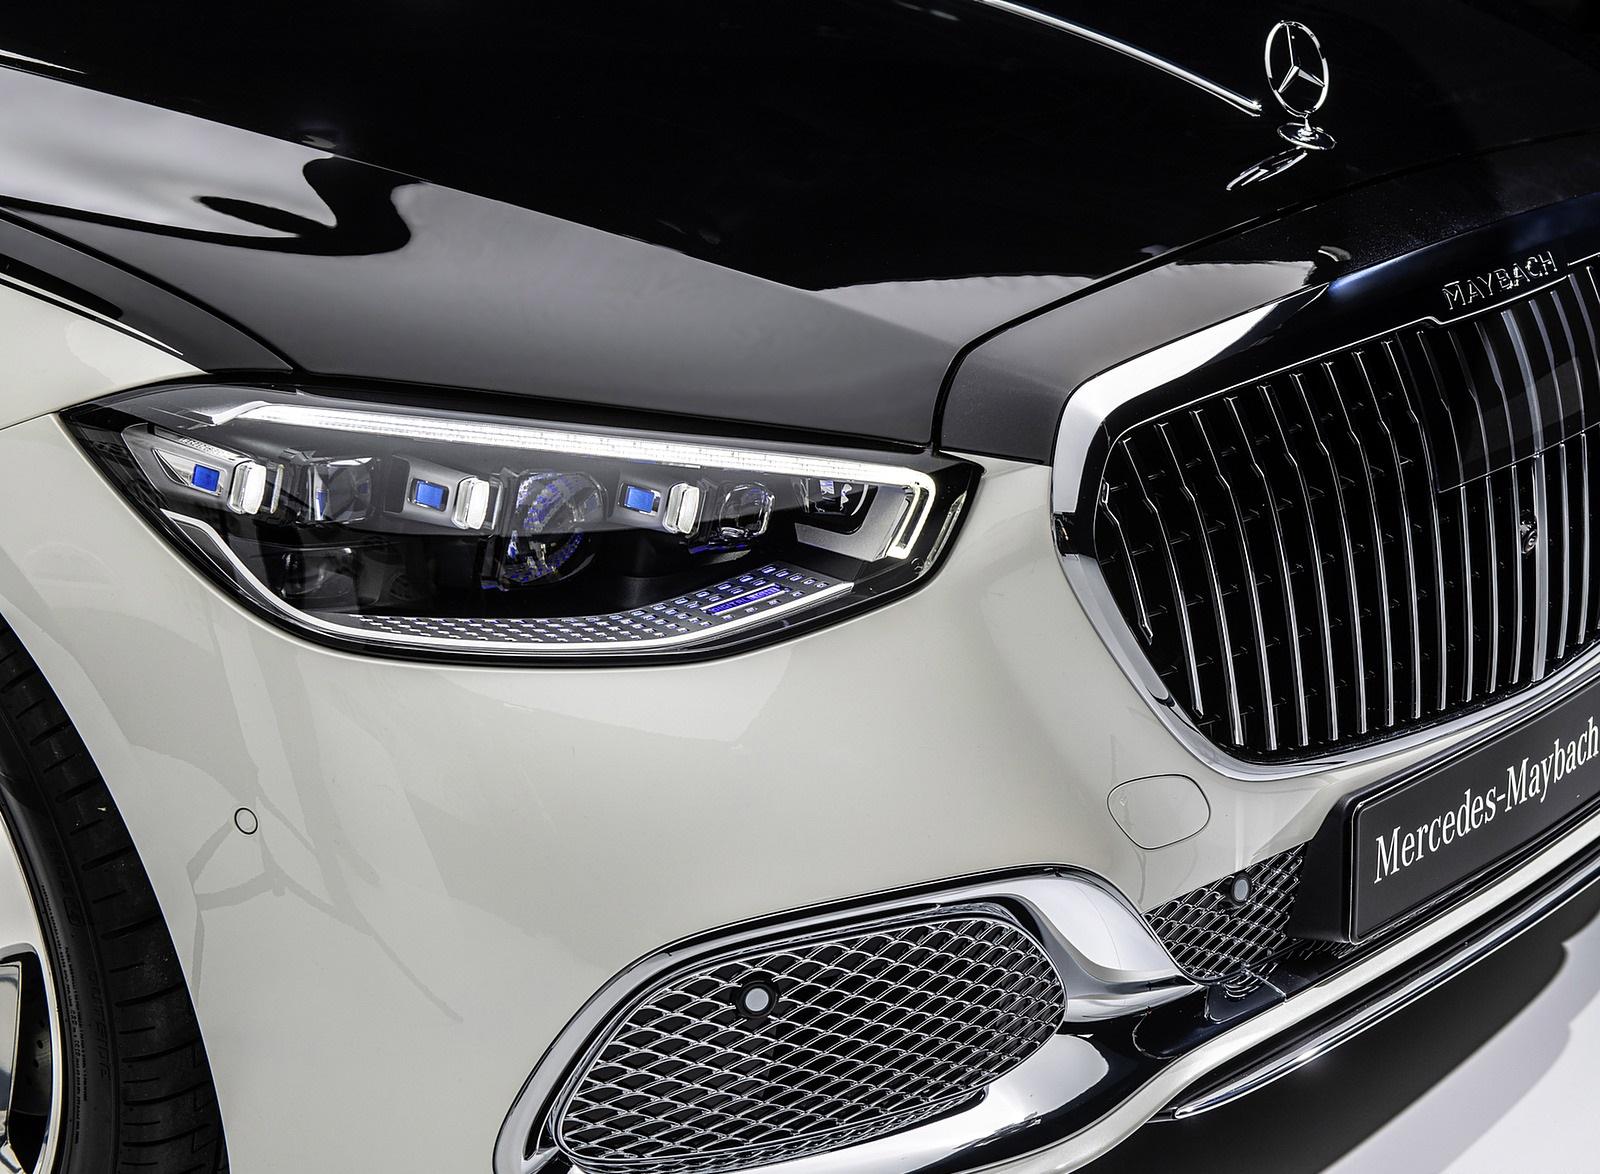 2021 Mercedes Maybach S Class Color Designo Diamond White Bright 1600x1174